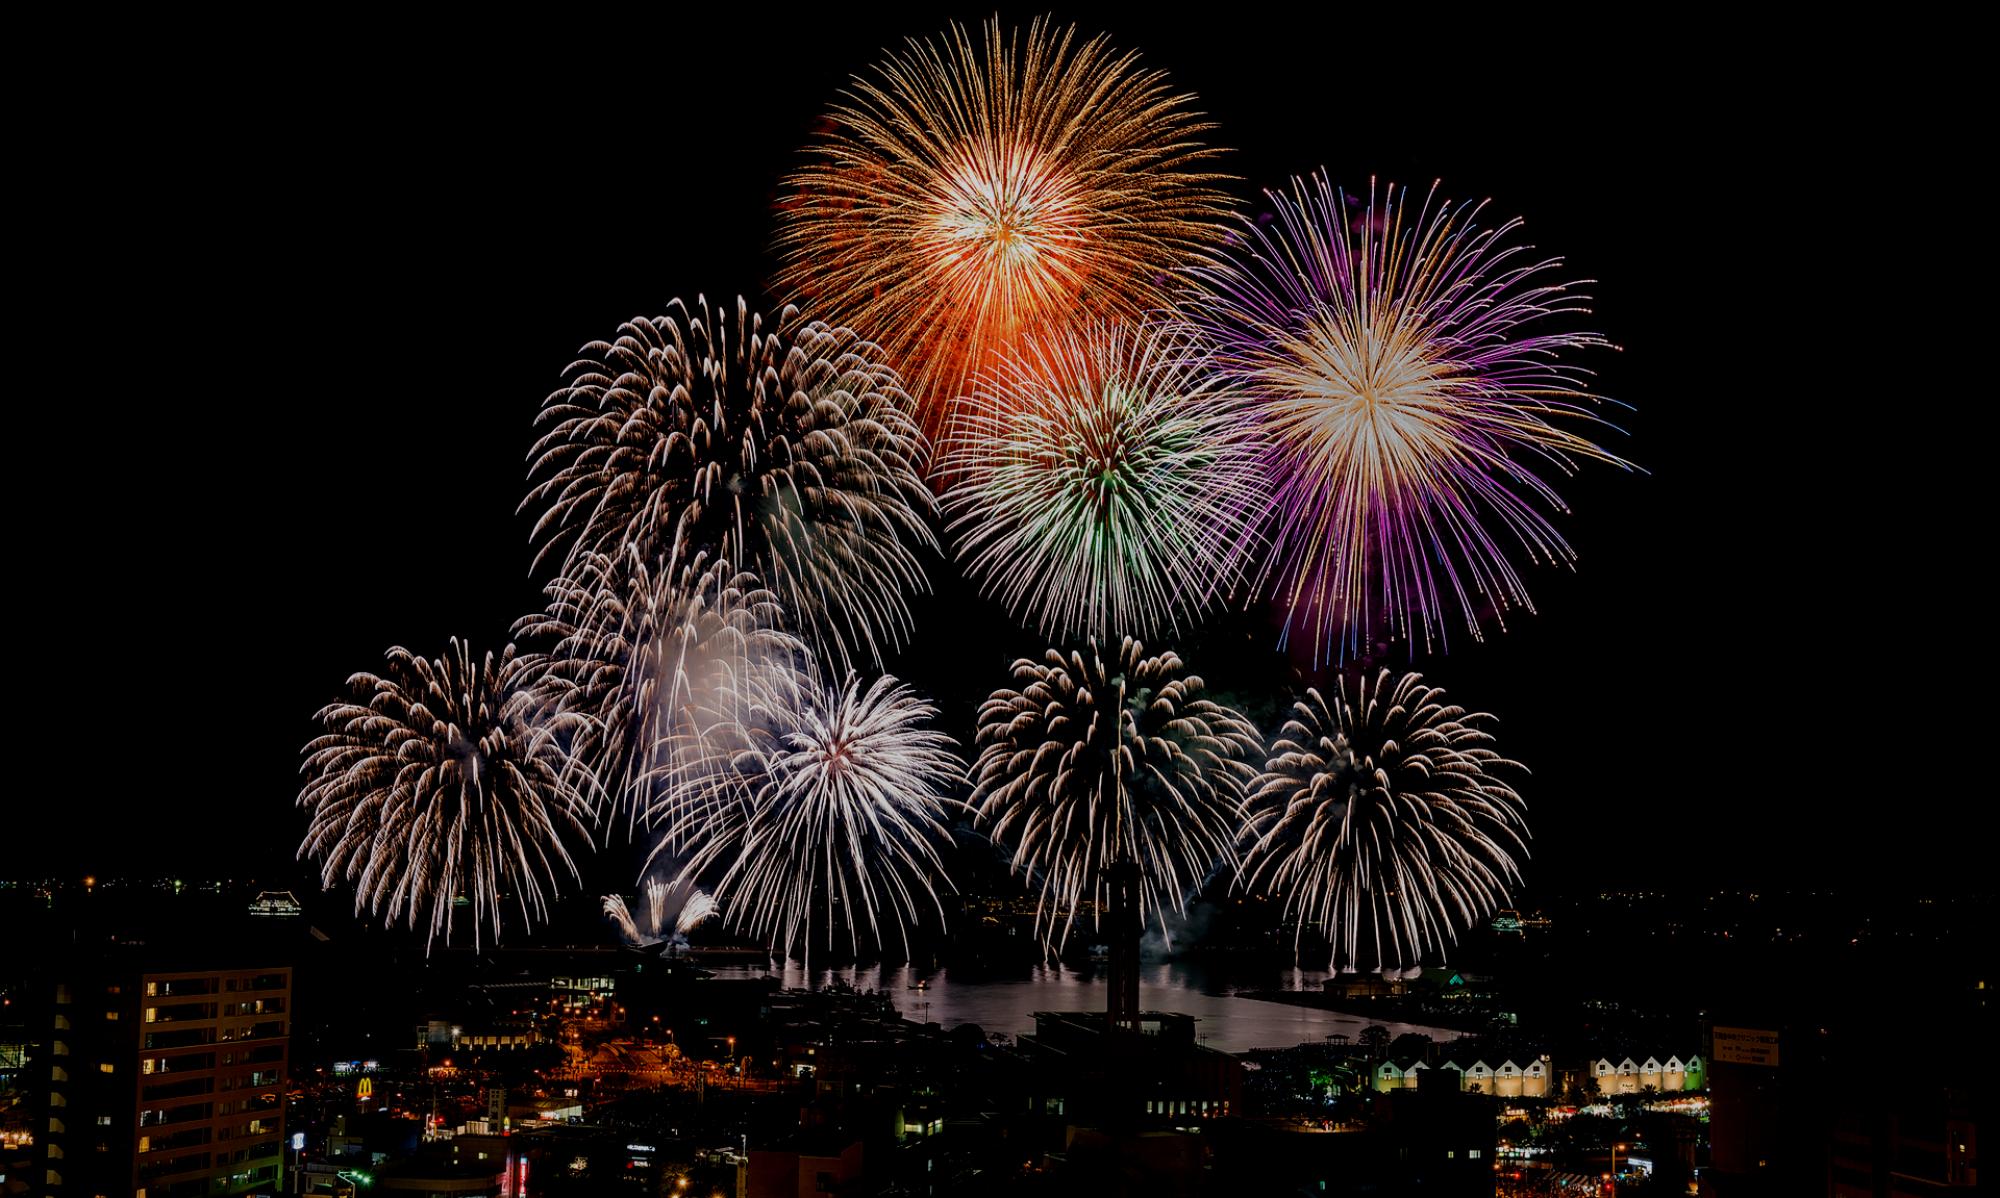 第18回 かごしま錦江湾サマーナイト大花火大会 公式サイト